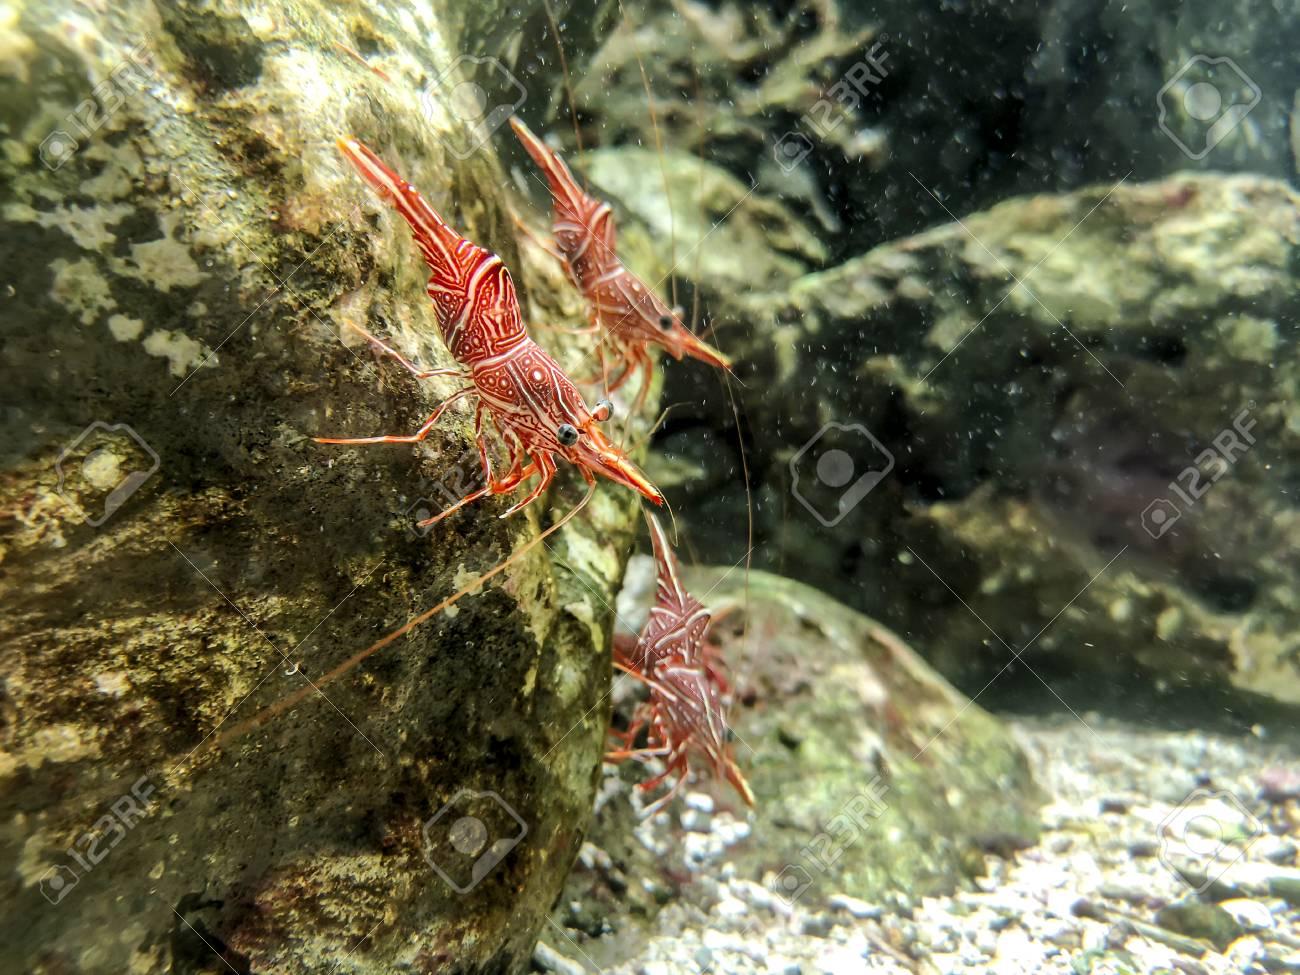 Red camel shrimp or hinge-beak shrimp on rock under water - 105929060